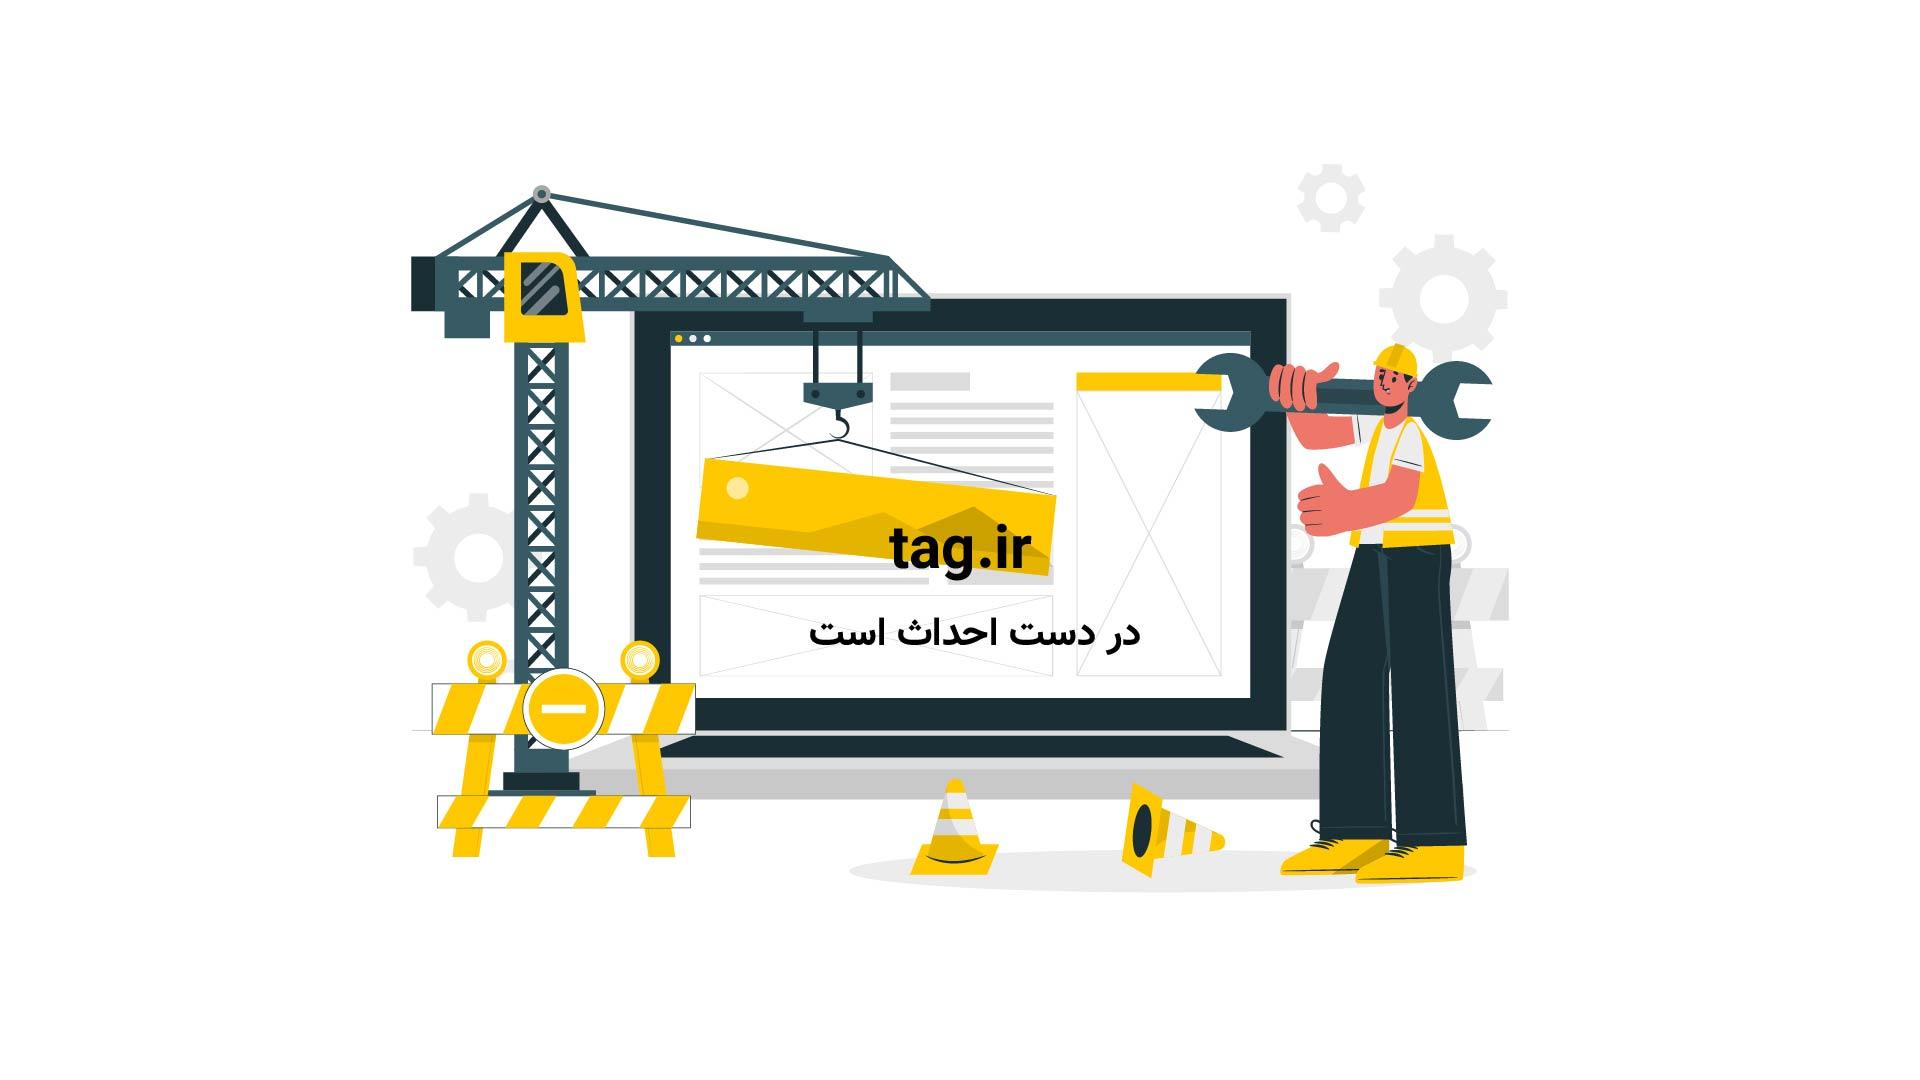 گربه سایمون   تگ